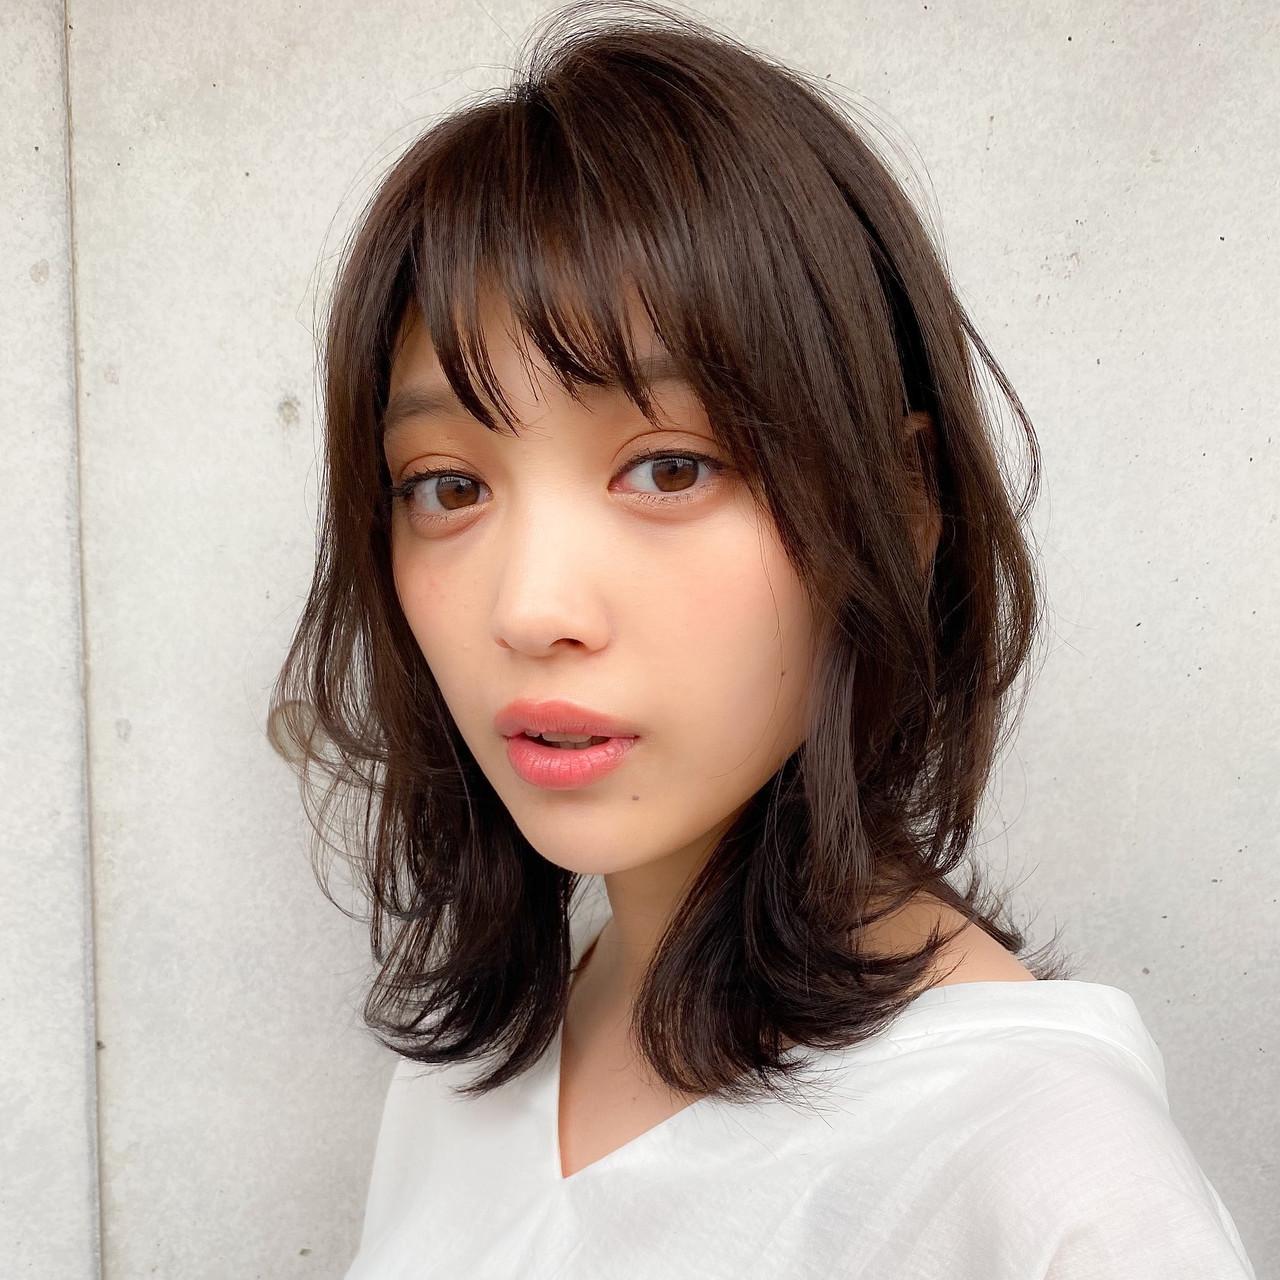 透明感カラー レイヤーカット 色気 ミディアム ヘアスタイルや髪型の写真・画像